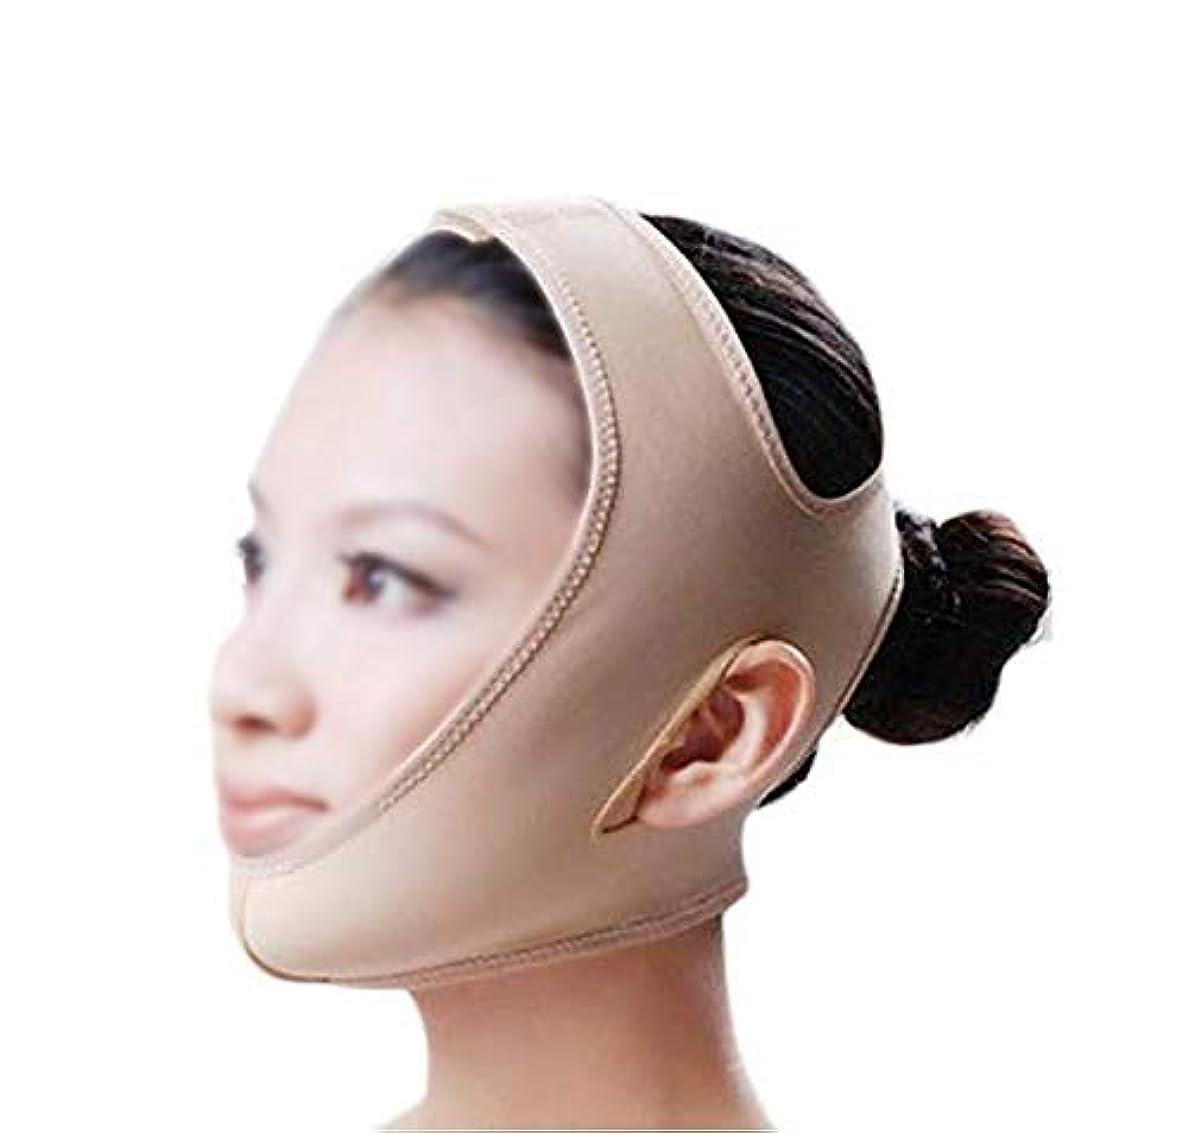 親論理的に叫ぶXHLMRMJ 引き締めフェイスマスク、マスクフェイシャルマスク美容医学フェイスマスク美容vフェイス包帯ライン彫刻リフティング引き締めダブルチンマスク (Size : Xl)